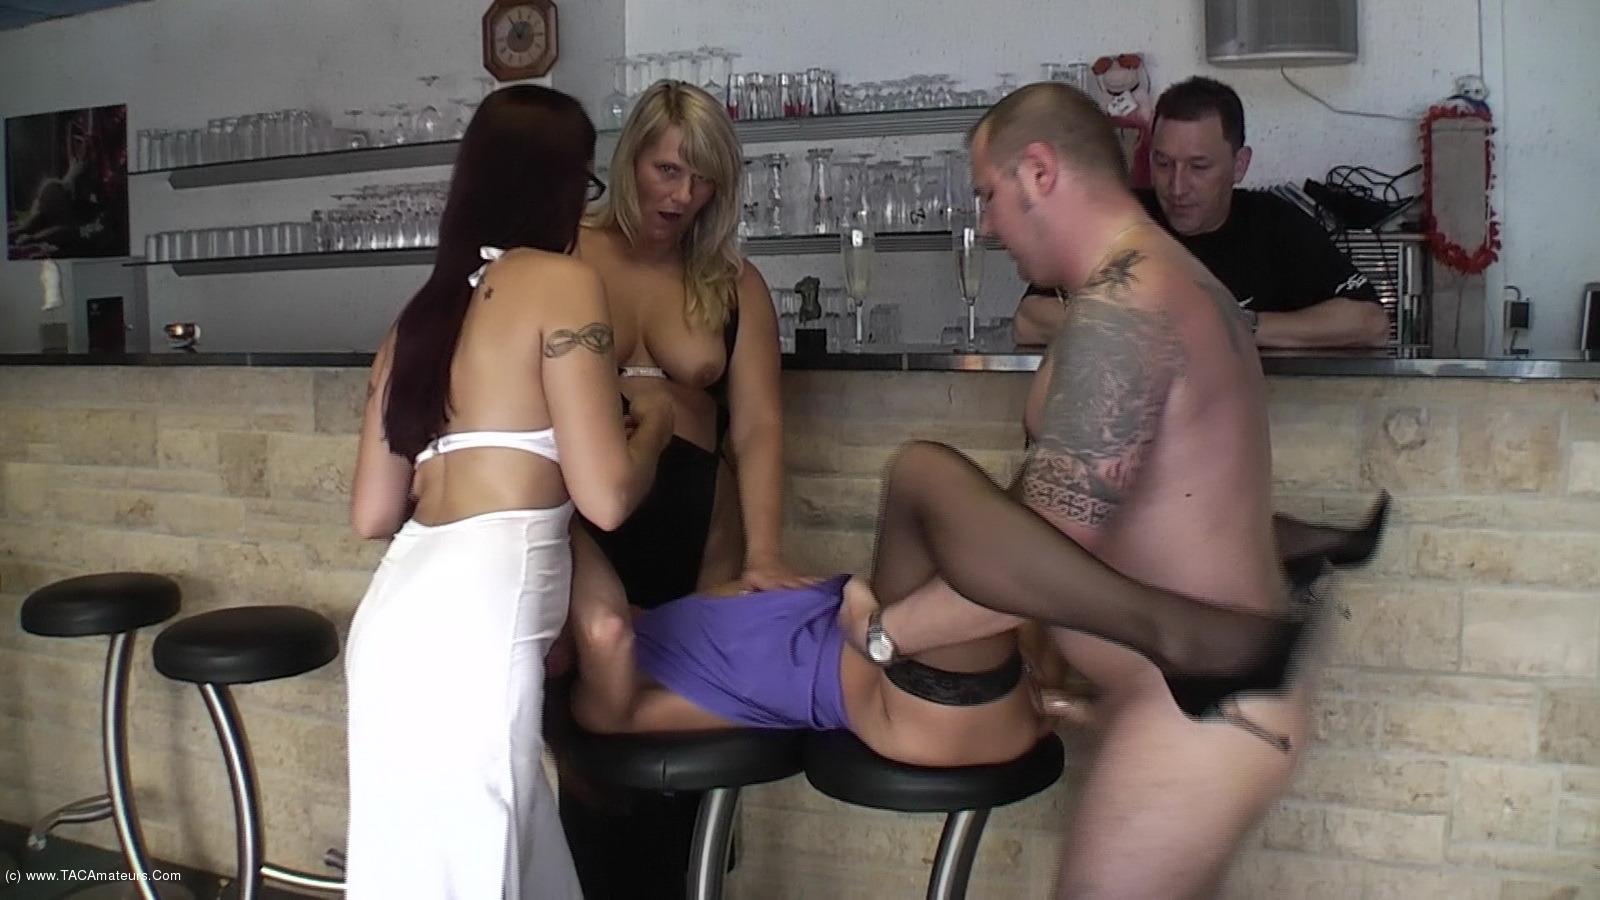 Sex første gang escort flensborg frække datingsider erotic massage copenhagen onani piger privat sex odense, Thai massage i århus fræk cam sex date luder i.